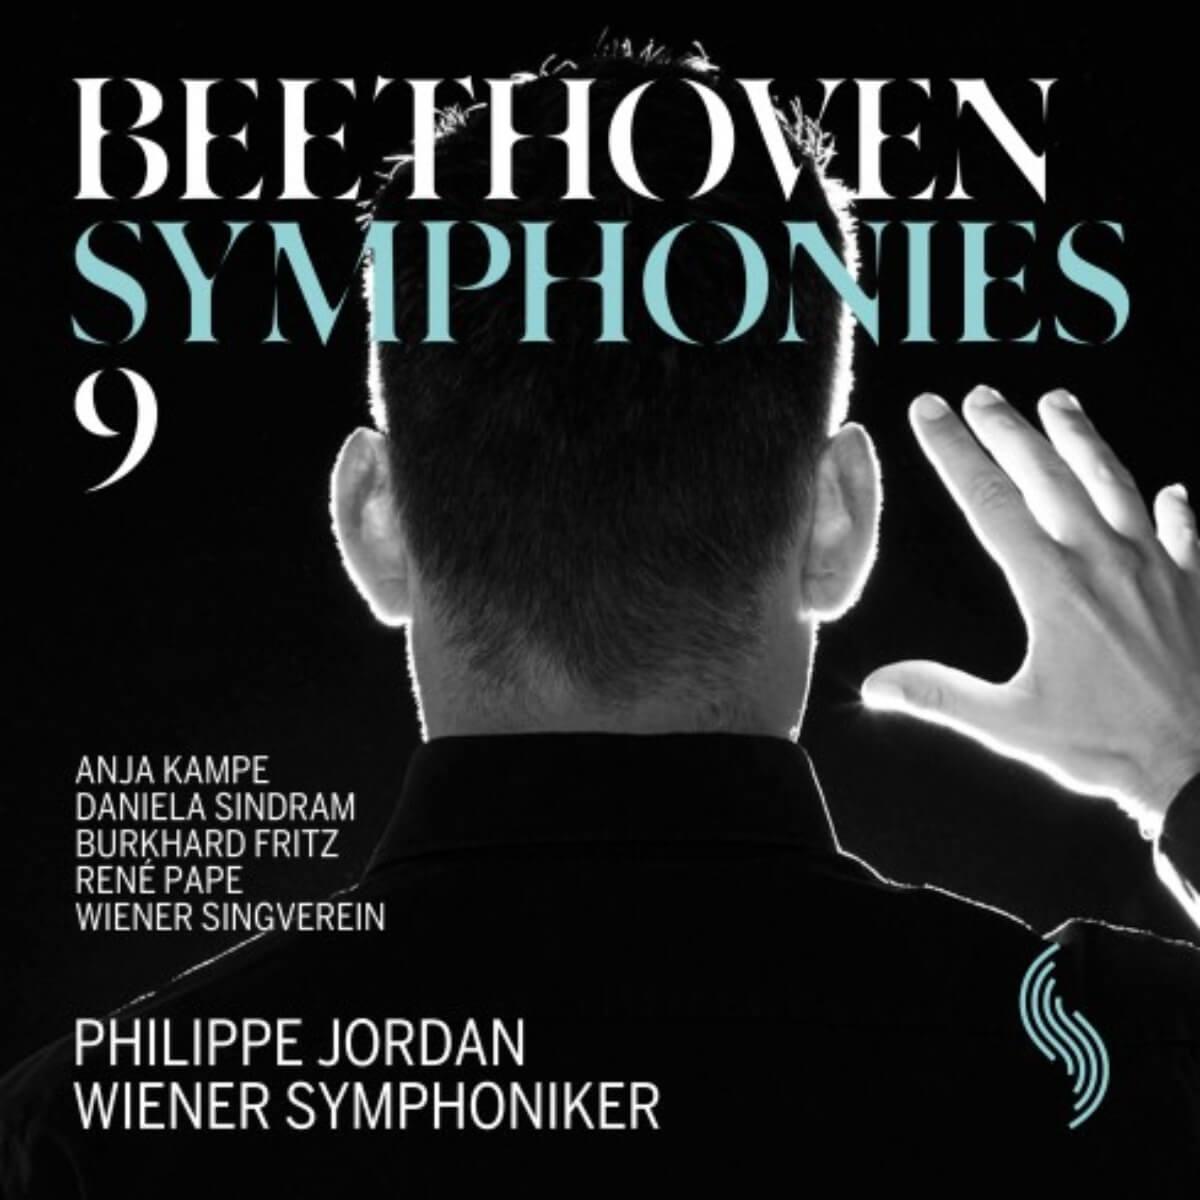 couverture du disque du Wiener Symphoniker, Philippe Jordan de dos, Beethoven 9